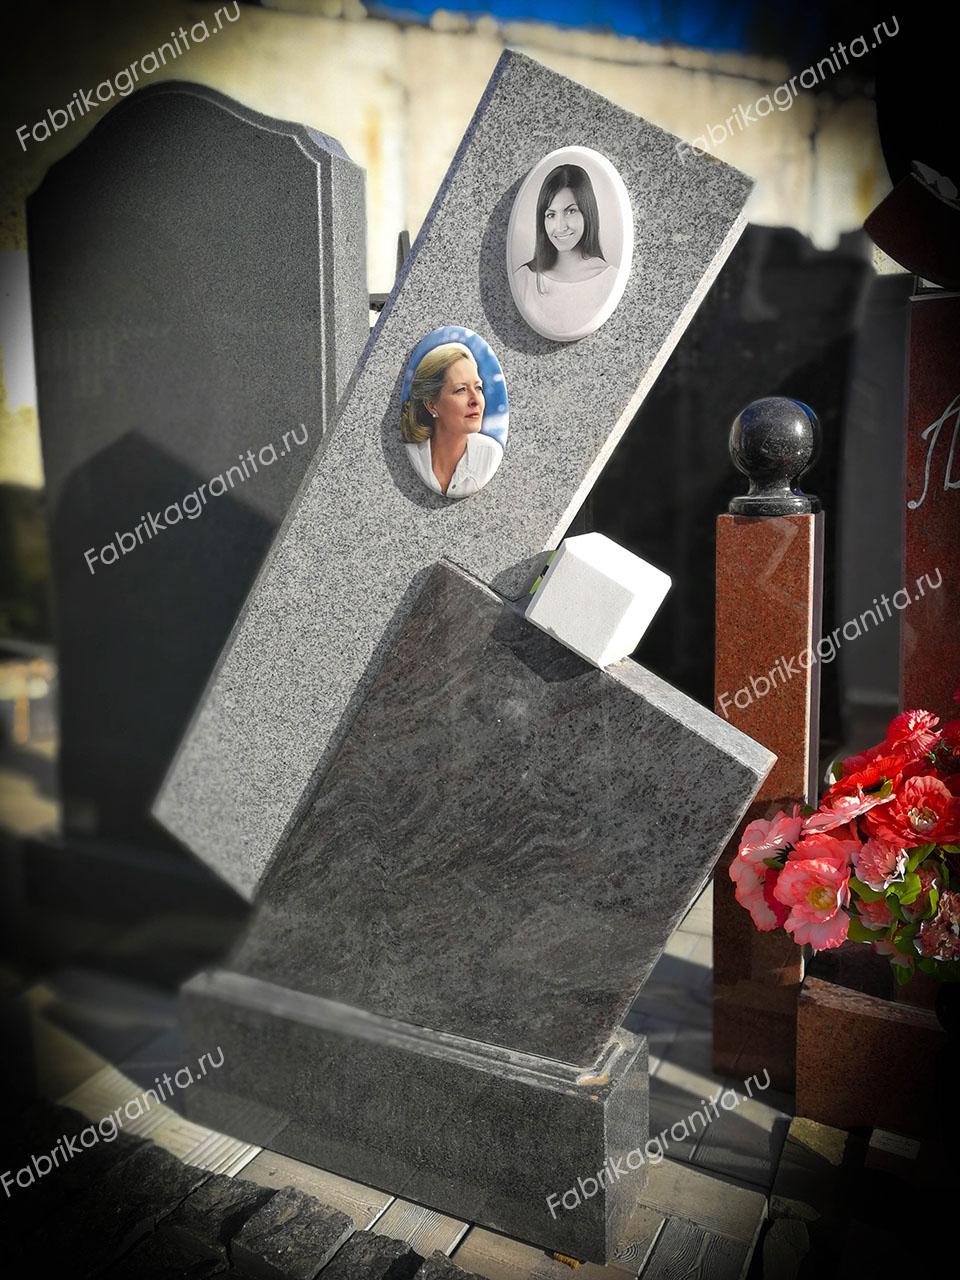 Купить памятники на могилу недорого и акции интернет магазин цены на памятники оренбург псков